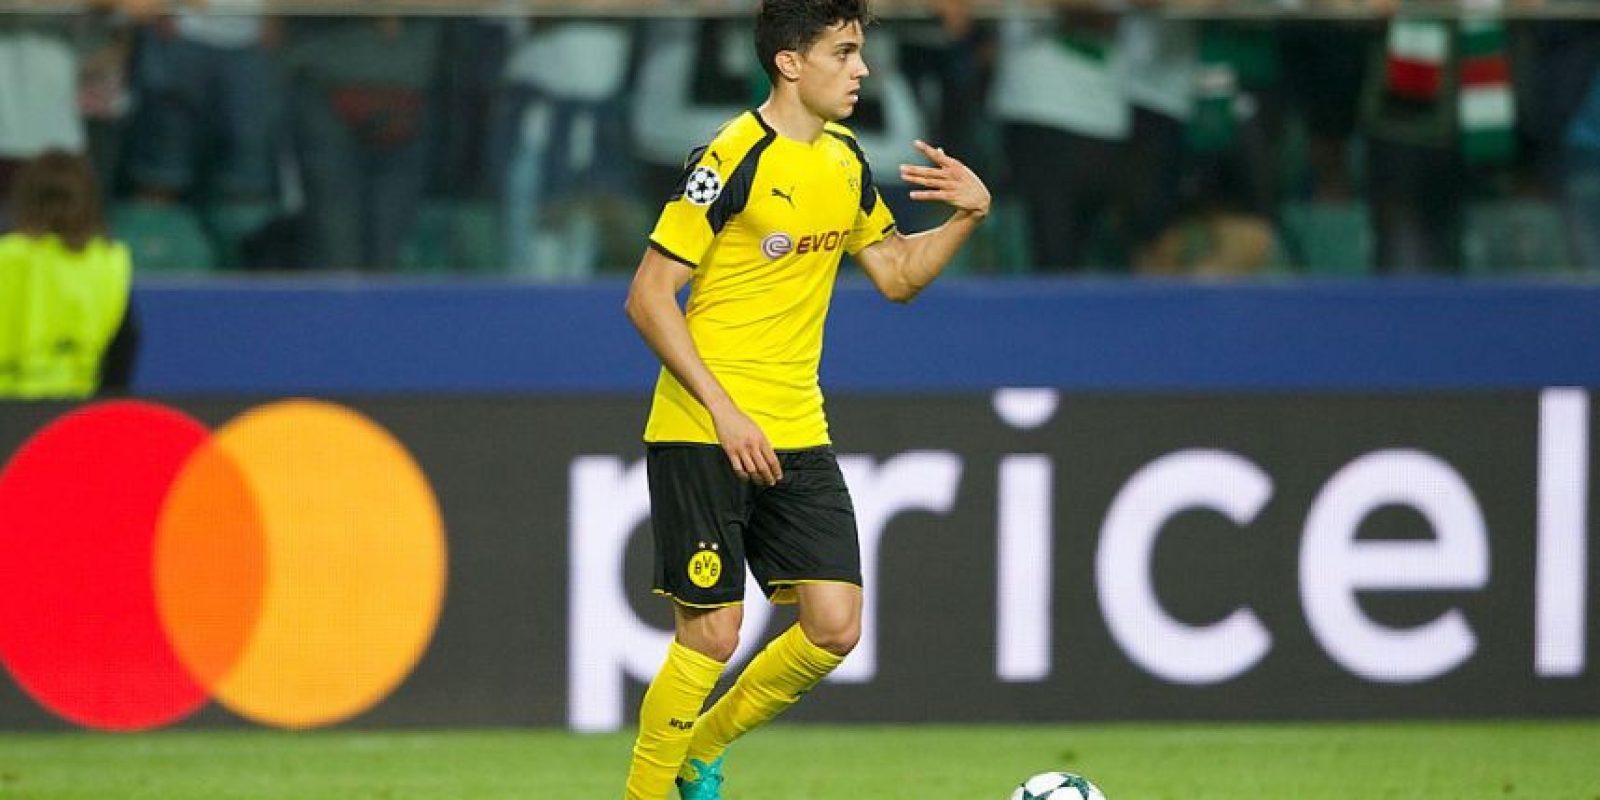 El defensor se lució con gol para Borussia Dortmund ante el Legia en la victoria por 6 a 0